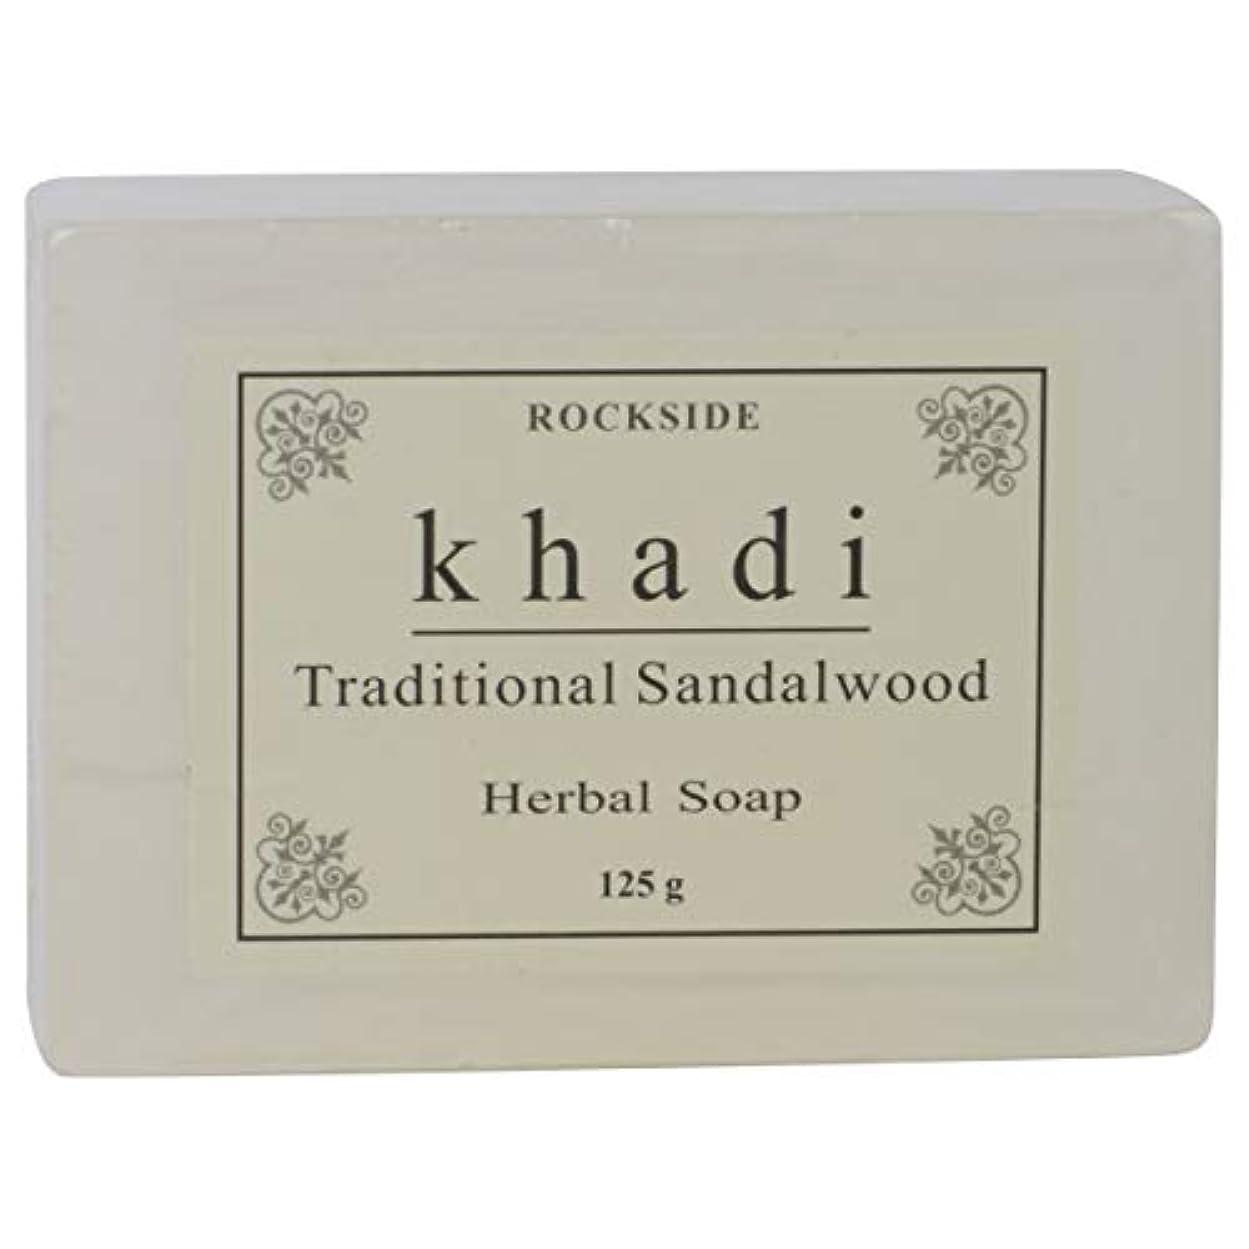 歩き回る間欠水曜日手作り カーディ サンダルウッド ソープKhadi Traditional Sandalwood Soap